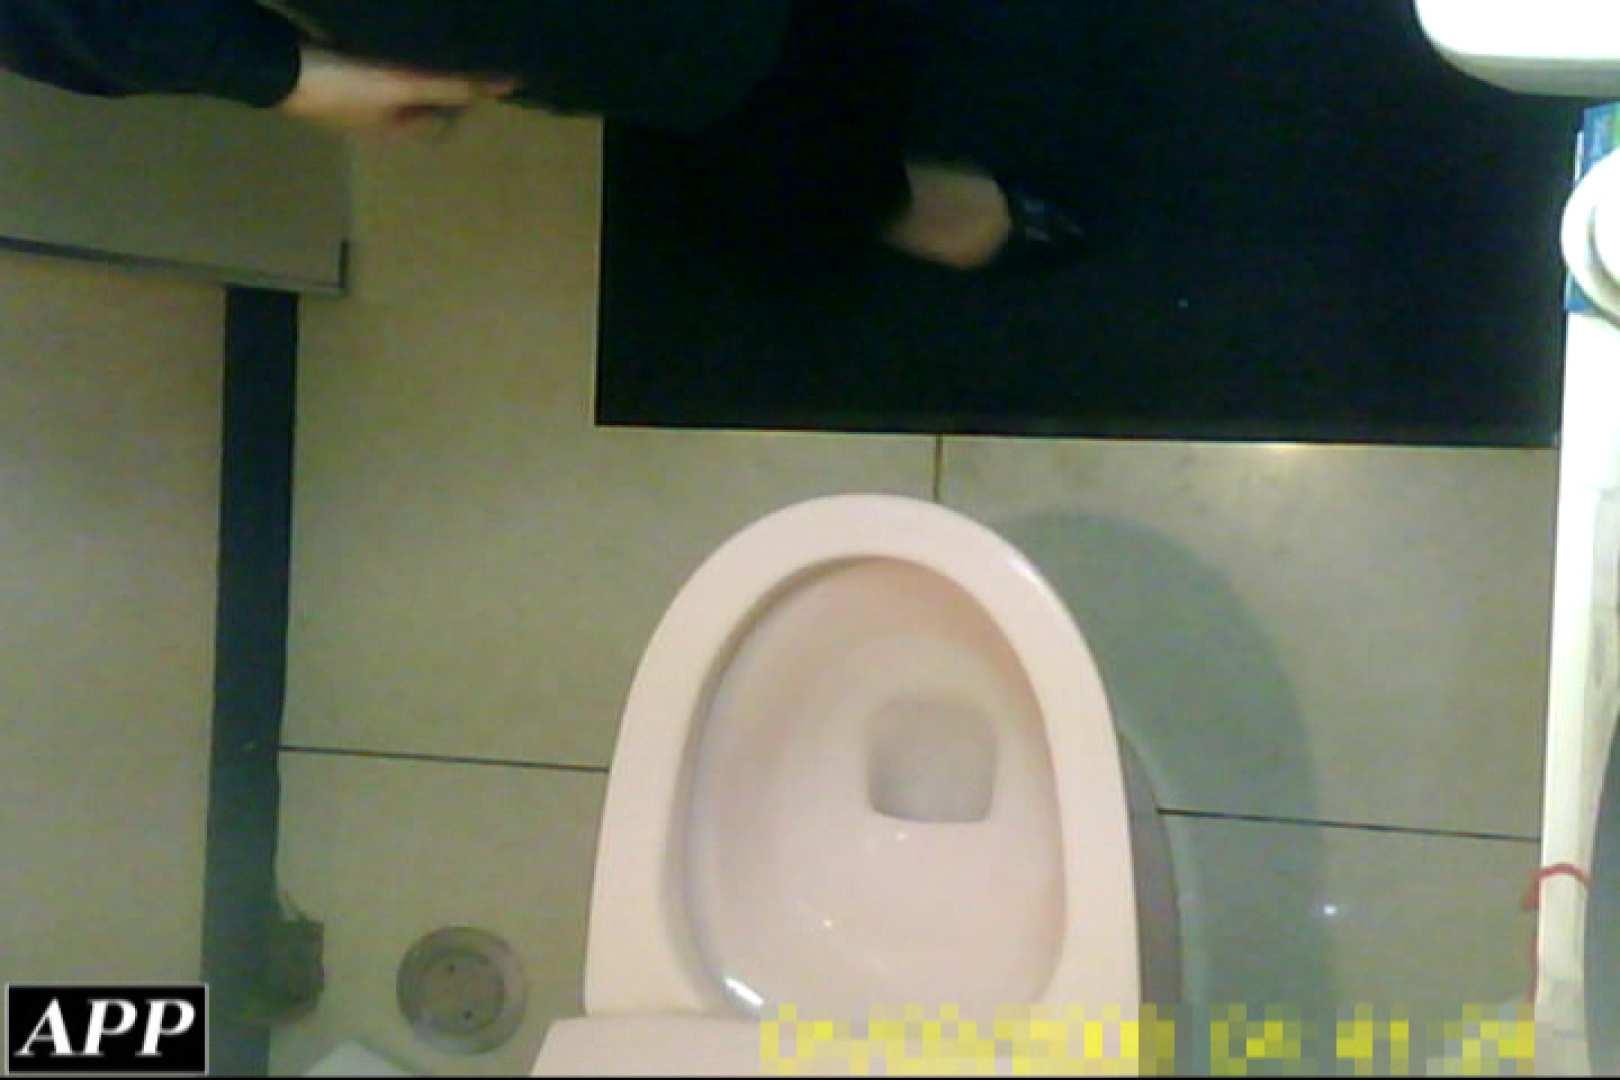 3視点洗面所 vol.119 OLの実態 盗撮AV動画キャプチャ 96pic 8